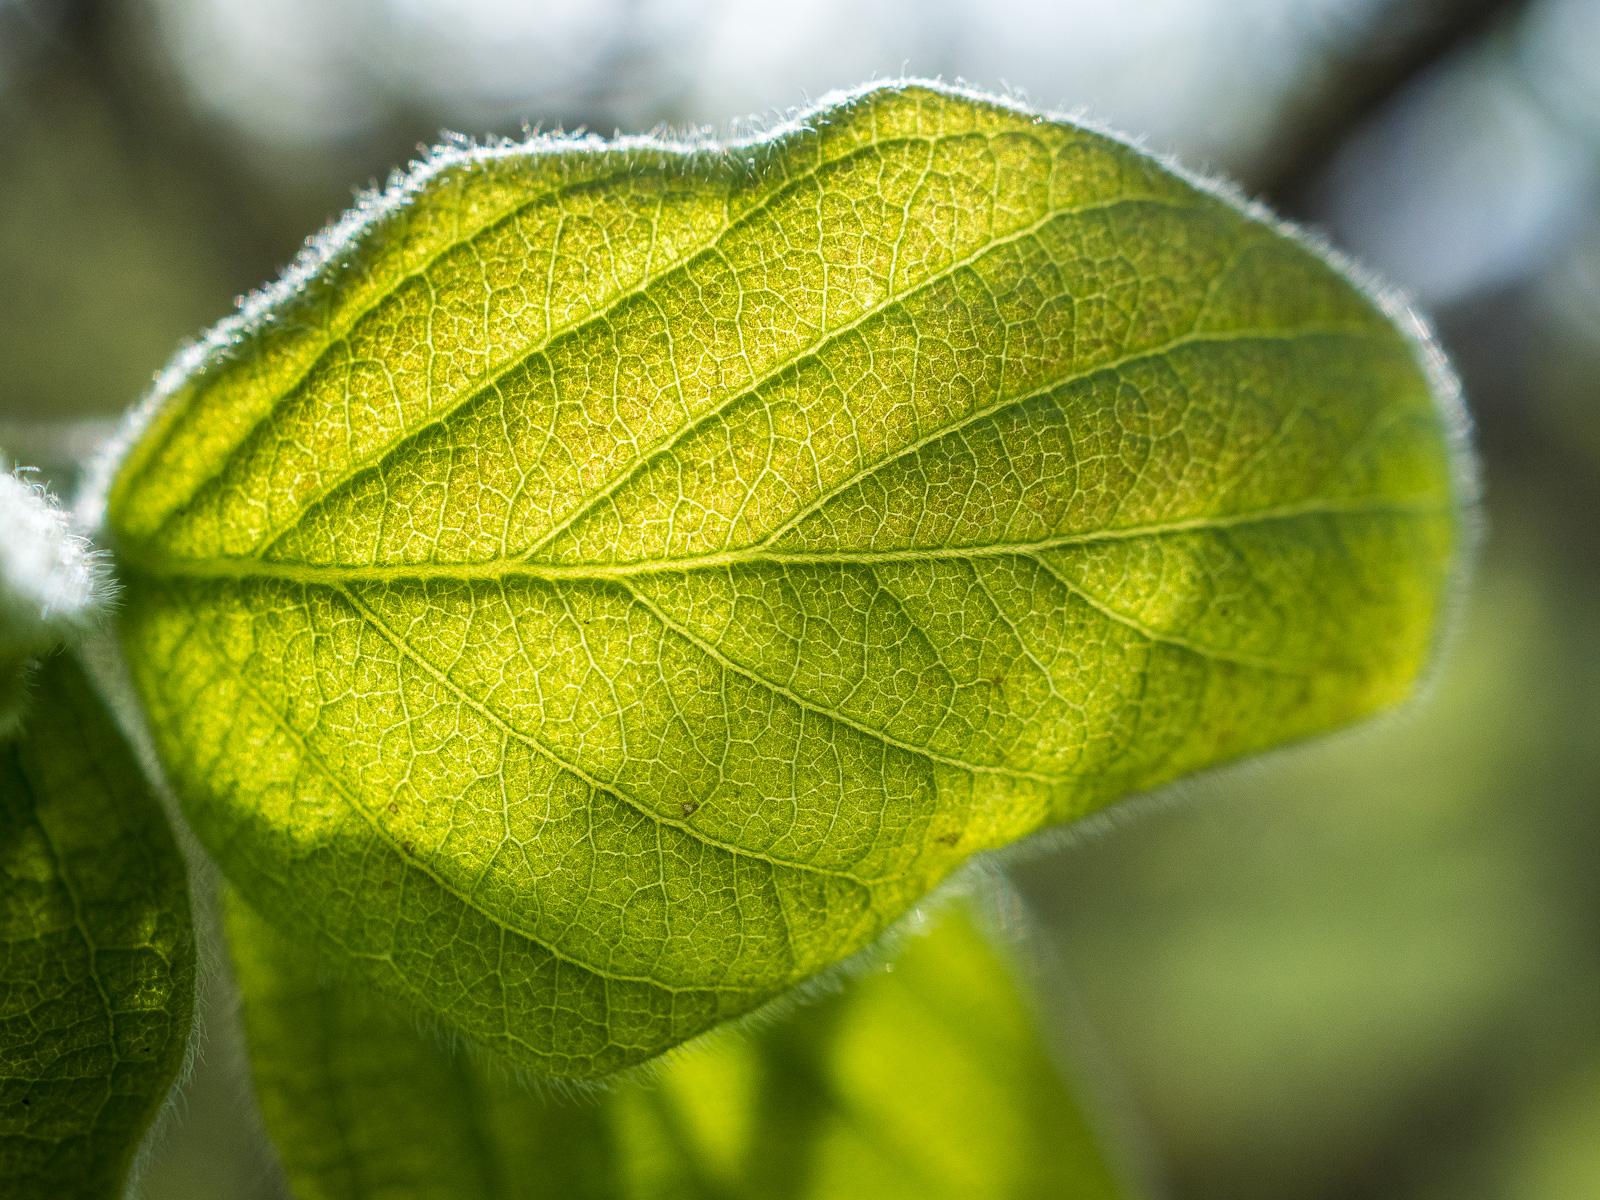 zartgrünes Blatt im Gegenlicht, prägnante Adern